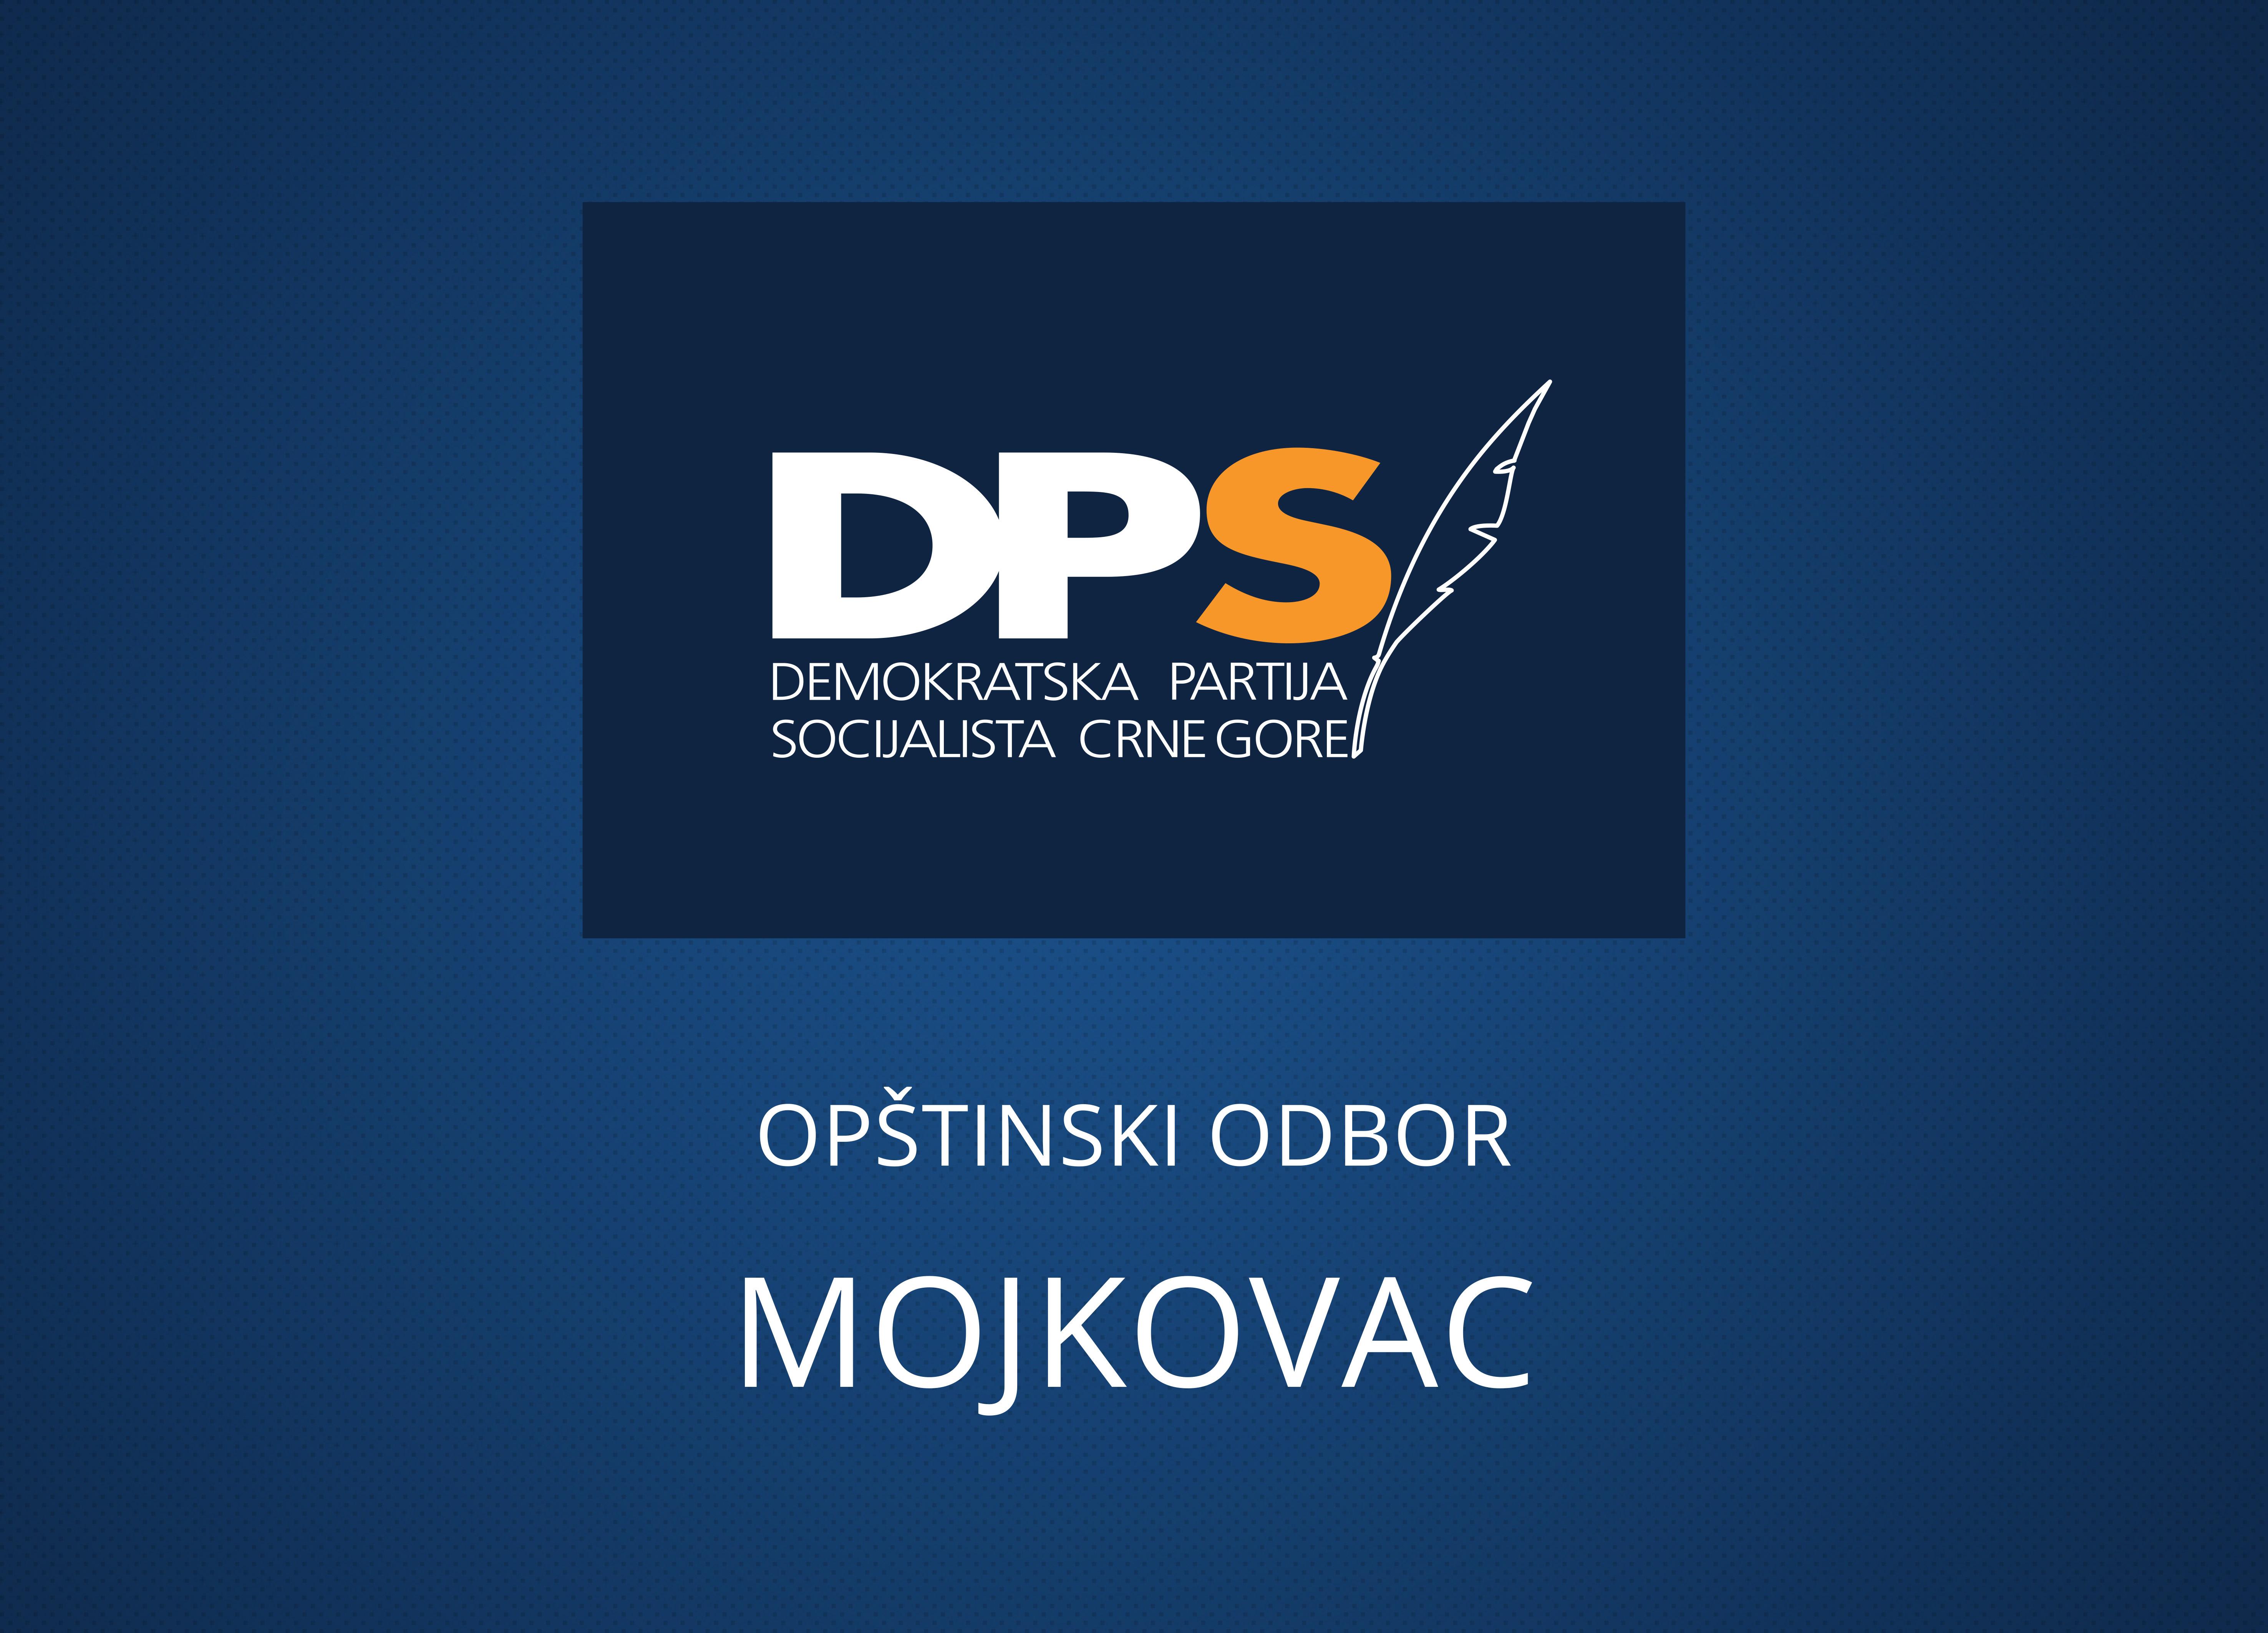 DPS Mojkovac: Neprimjerene i zlonamjerne ocjene ambasadora Božovića